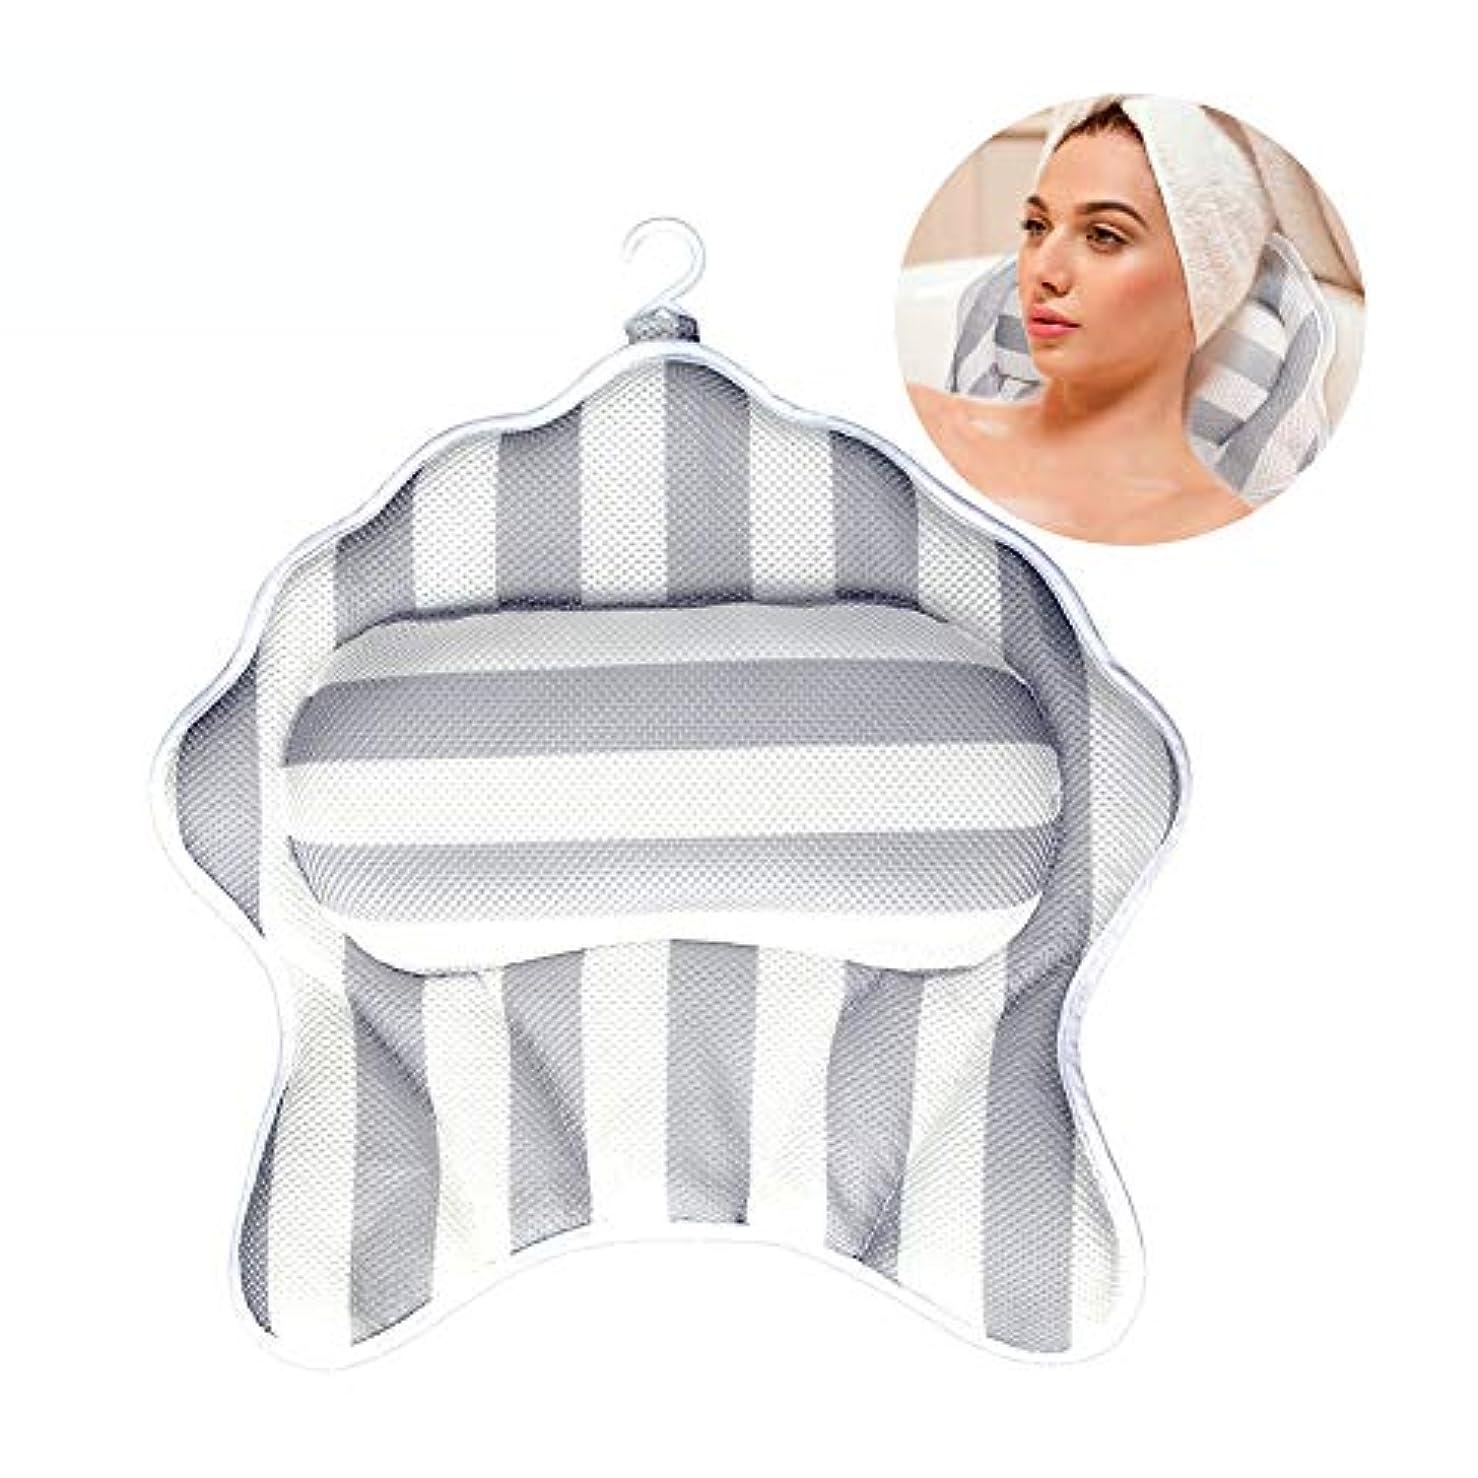 聖職者増強用心3dメッシュヒトデスパマッサージバスタブ枕浴室枕クッションwith6強い吸引カップは洗濯機で洗えます